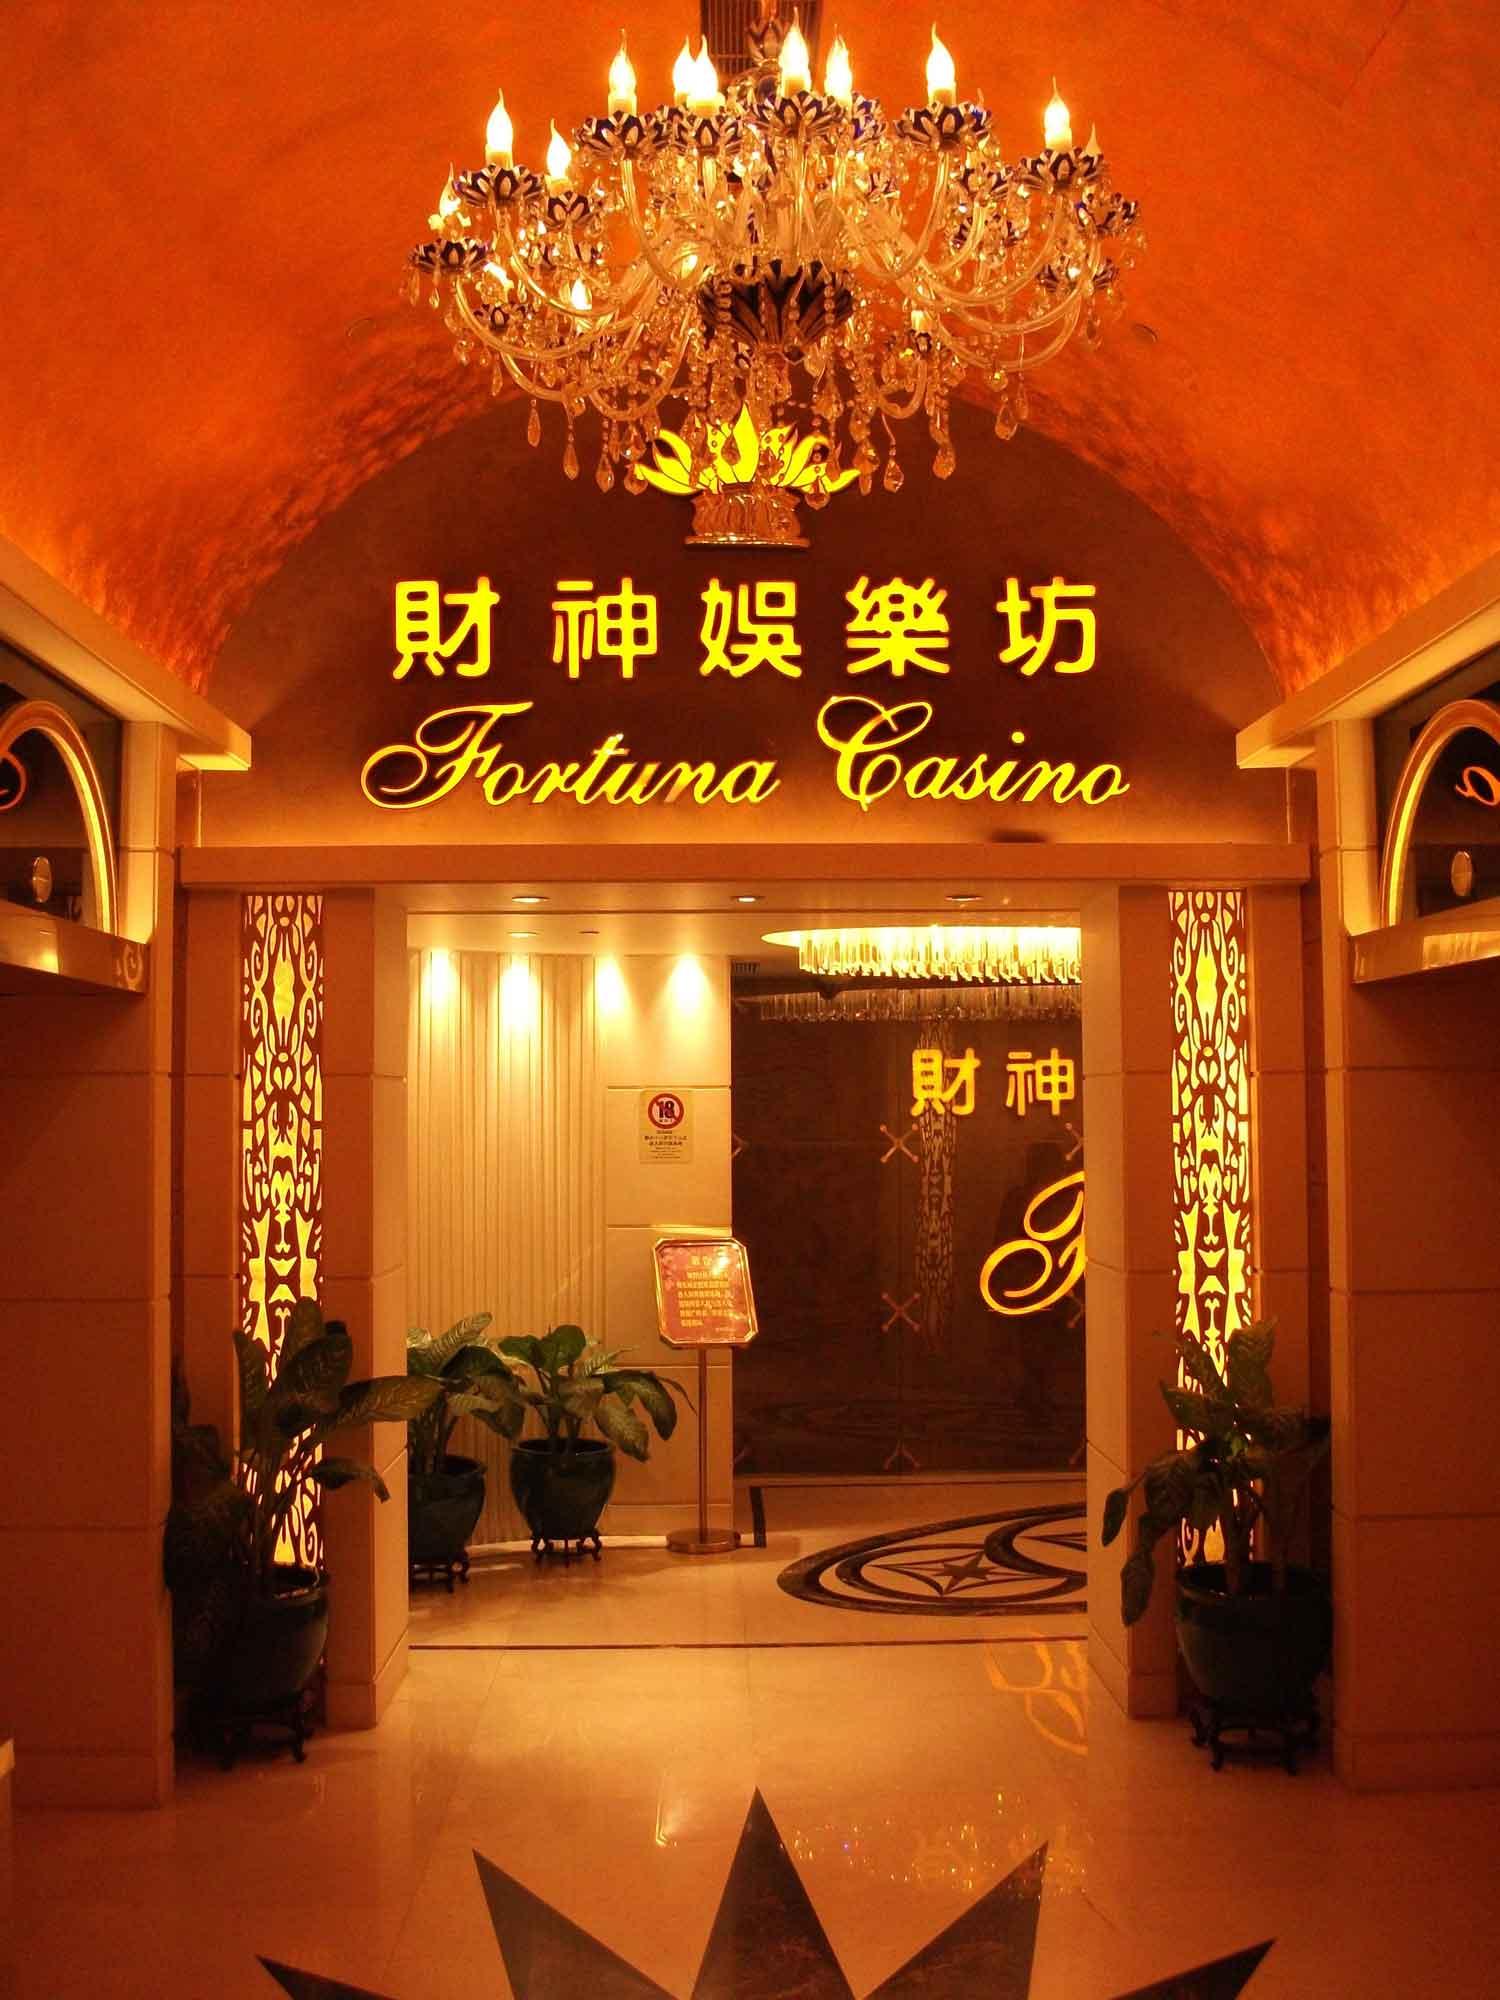 Fortuna Casino entrance